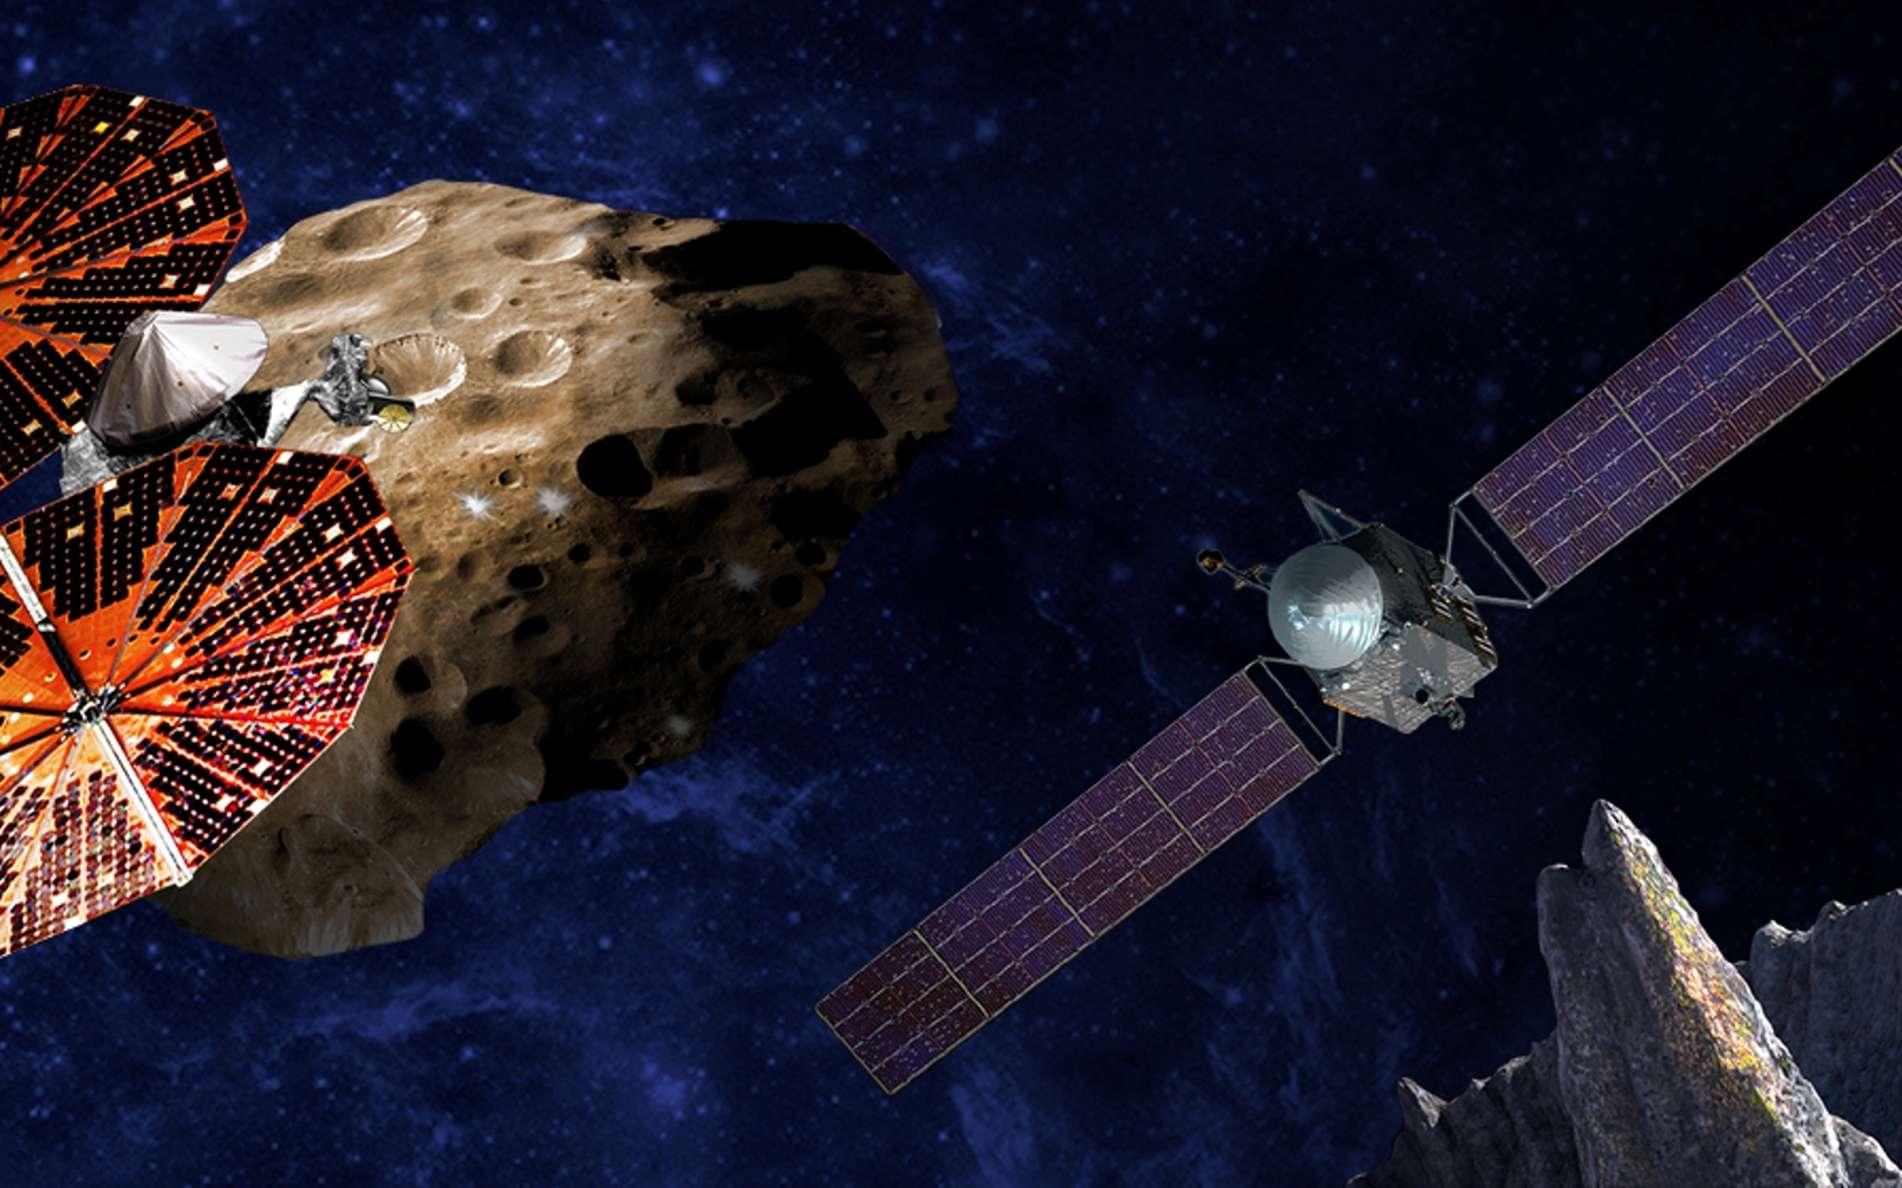 Sur cette vision d'artiste, Lucy, à gauche, explore les astéroïdes troyens et Psyché, à droite, étudie un astéroïde métallique. © Sw RI et SSL, Peter Rubin